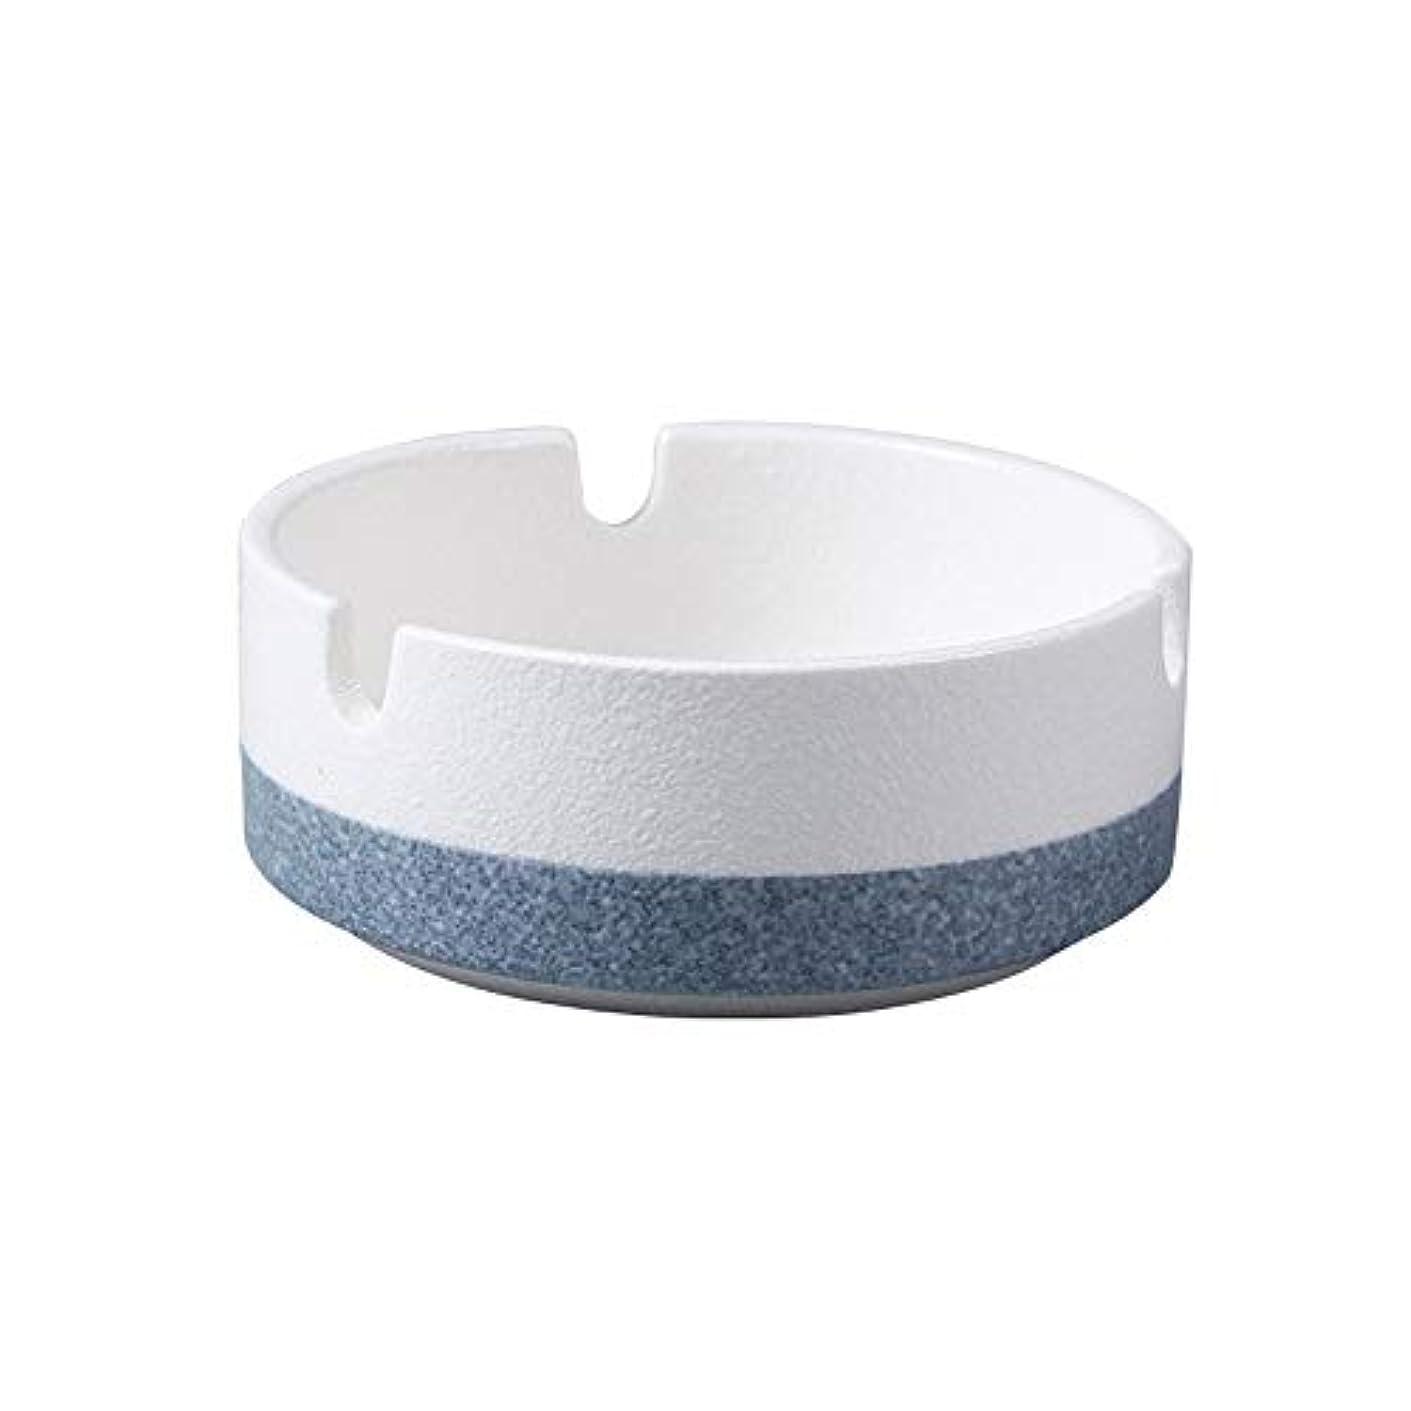 椅子経験者校長たばこ、贈り物、ホームオフィス用の丸い光沢のある灰皿(白)